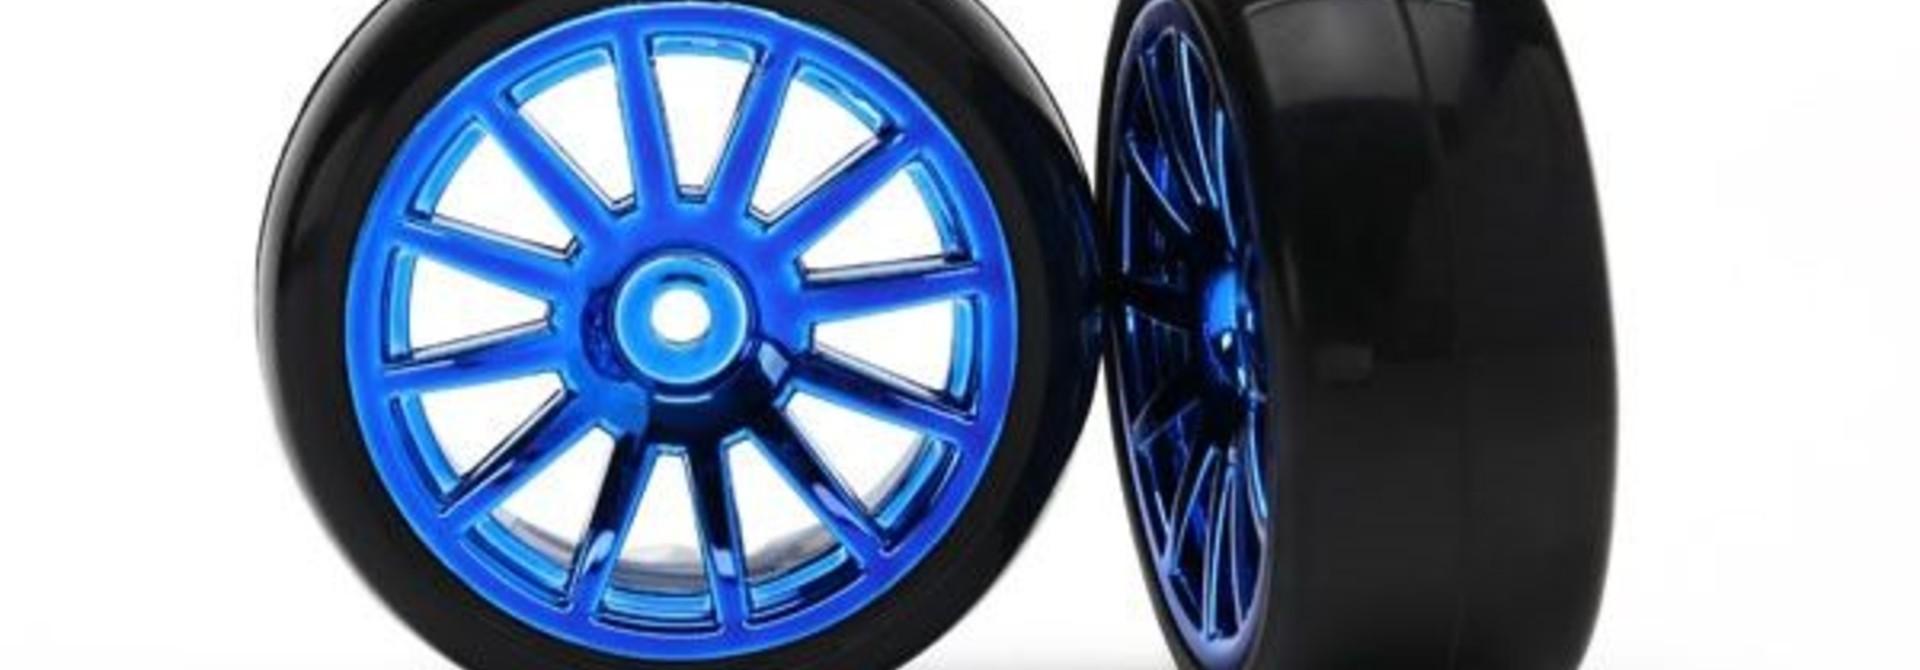 12-Sp Blue Wheels, Slick Tires Tires & W, TRX7573R